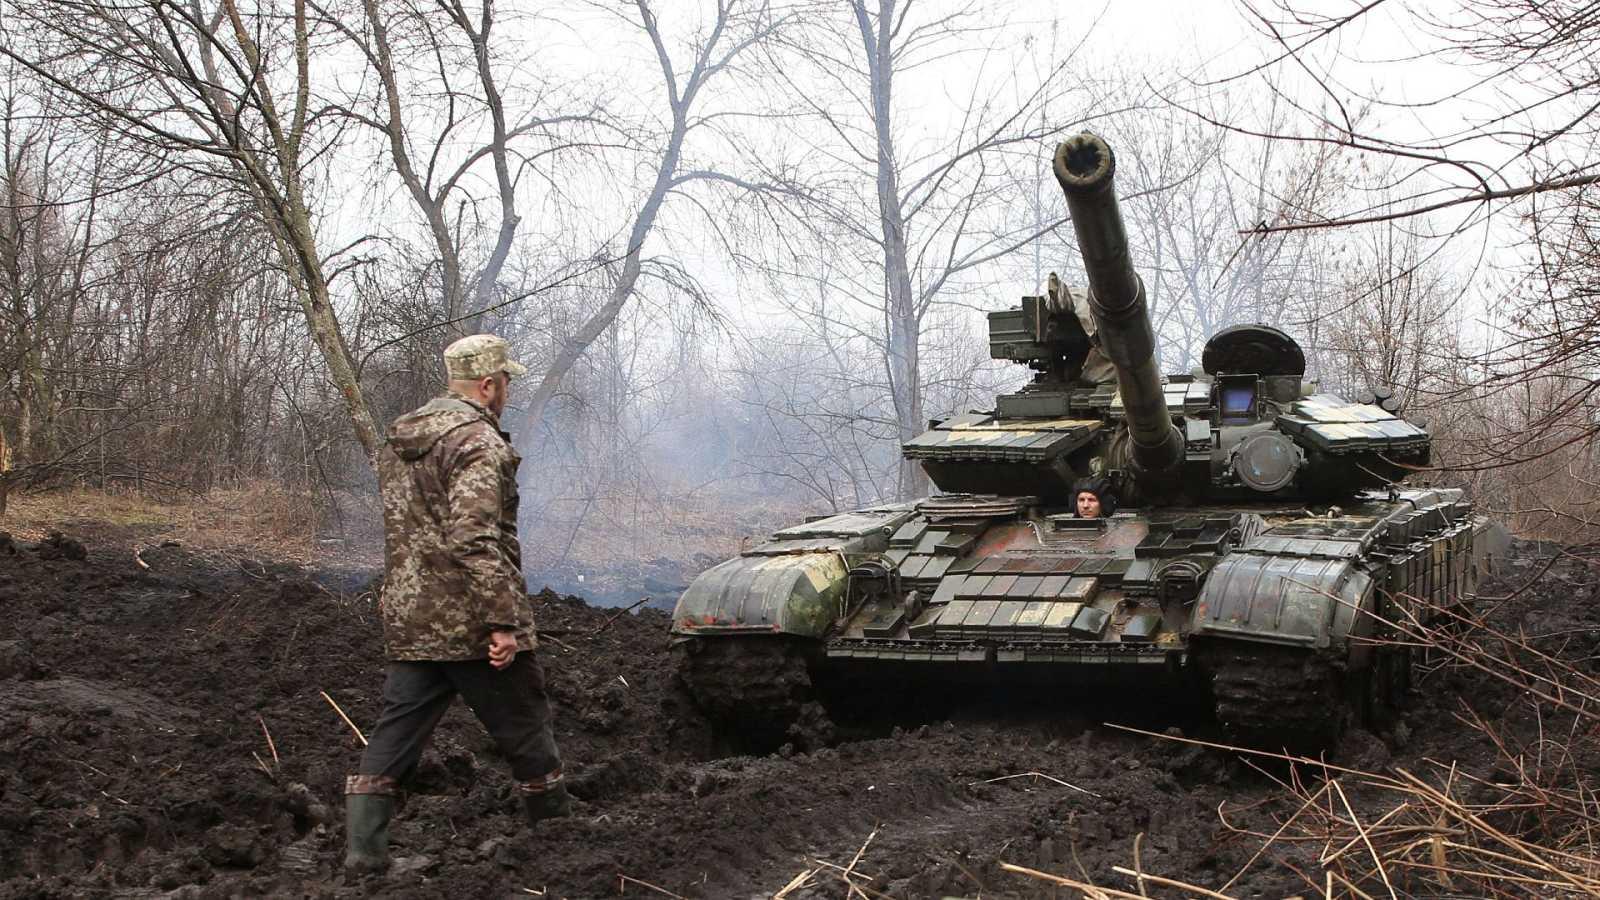 Crece la tensión entre Rusia y Ucrania tras el despliegue de tropas rusas cerca de la frontera